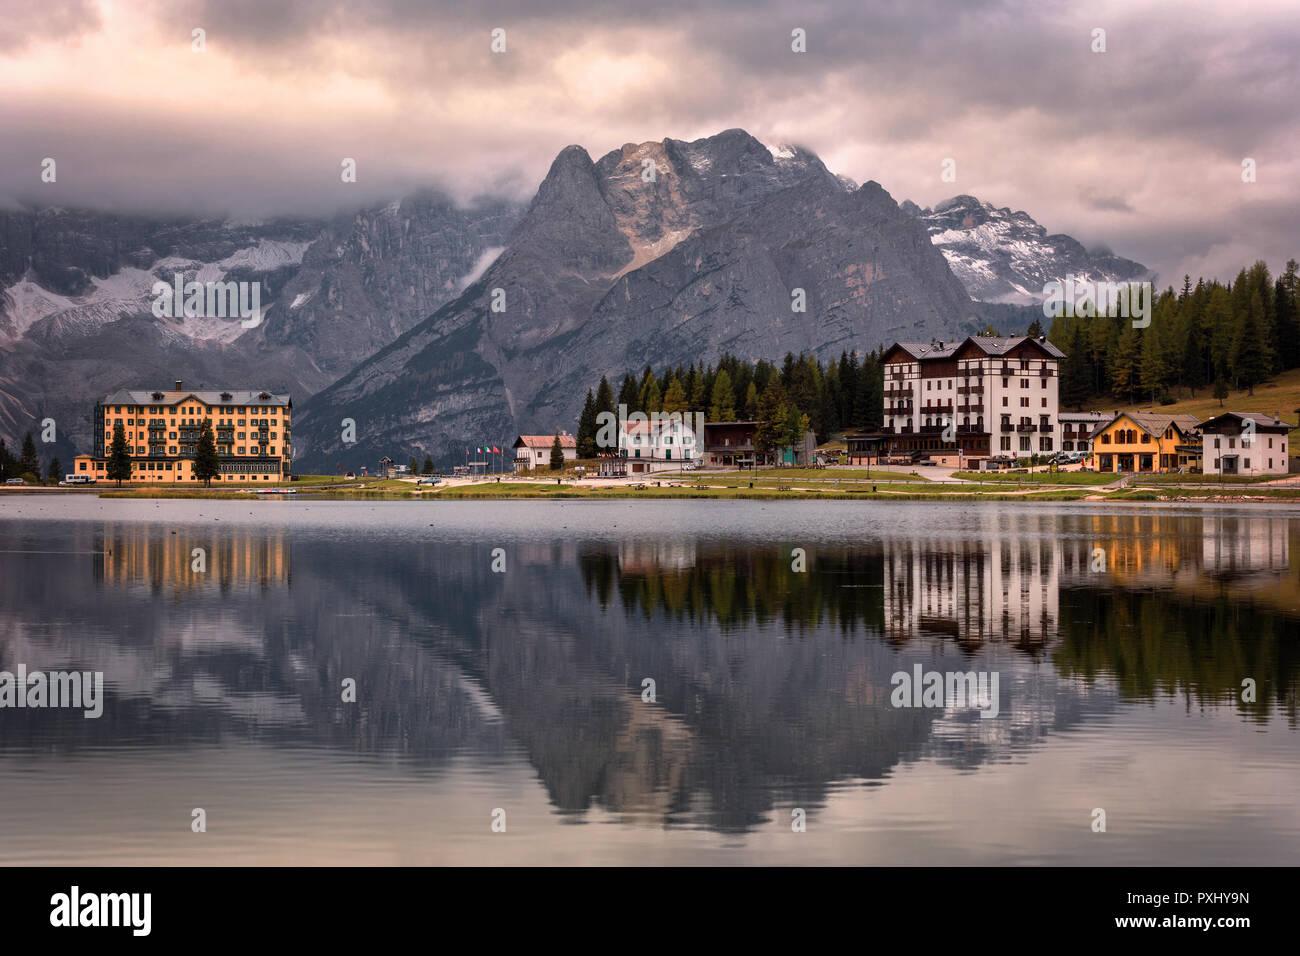 Vue de Punta Sorapis montagne des Dolomites dans la matinée avec la réflexion sur le célèbre lac de Misurina Cortina d'Ampezzo en Italie Banque D'Images